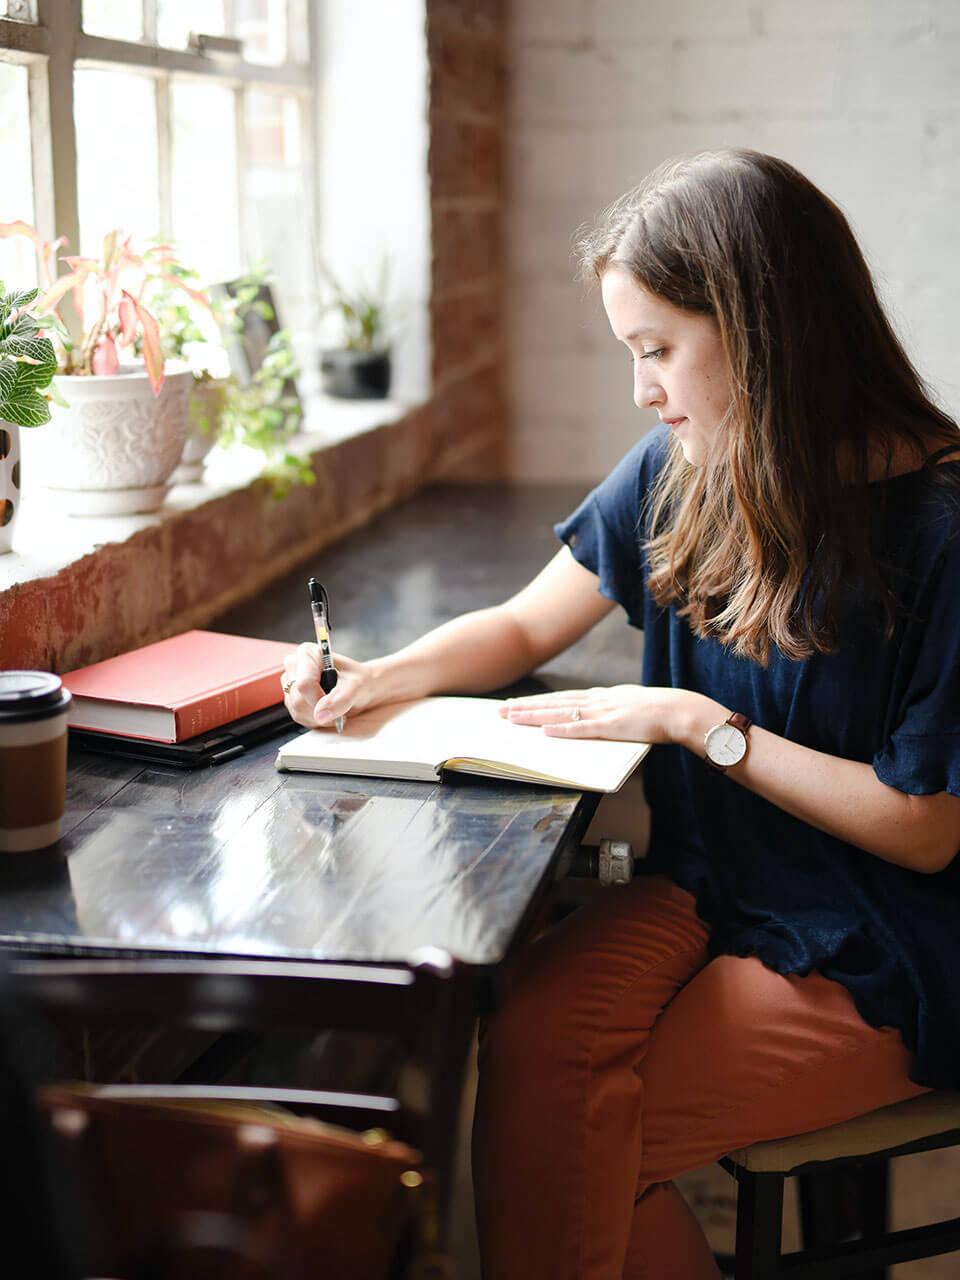 How to Write Proper Citations